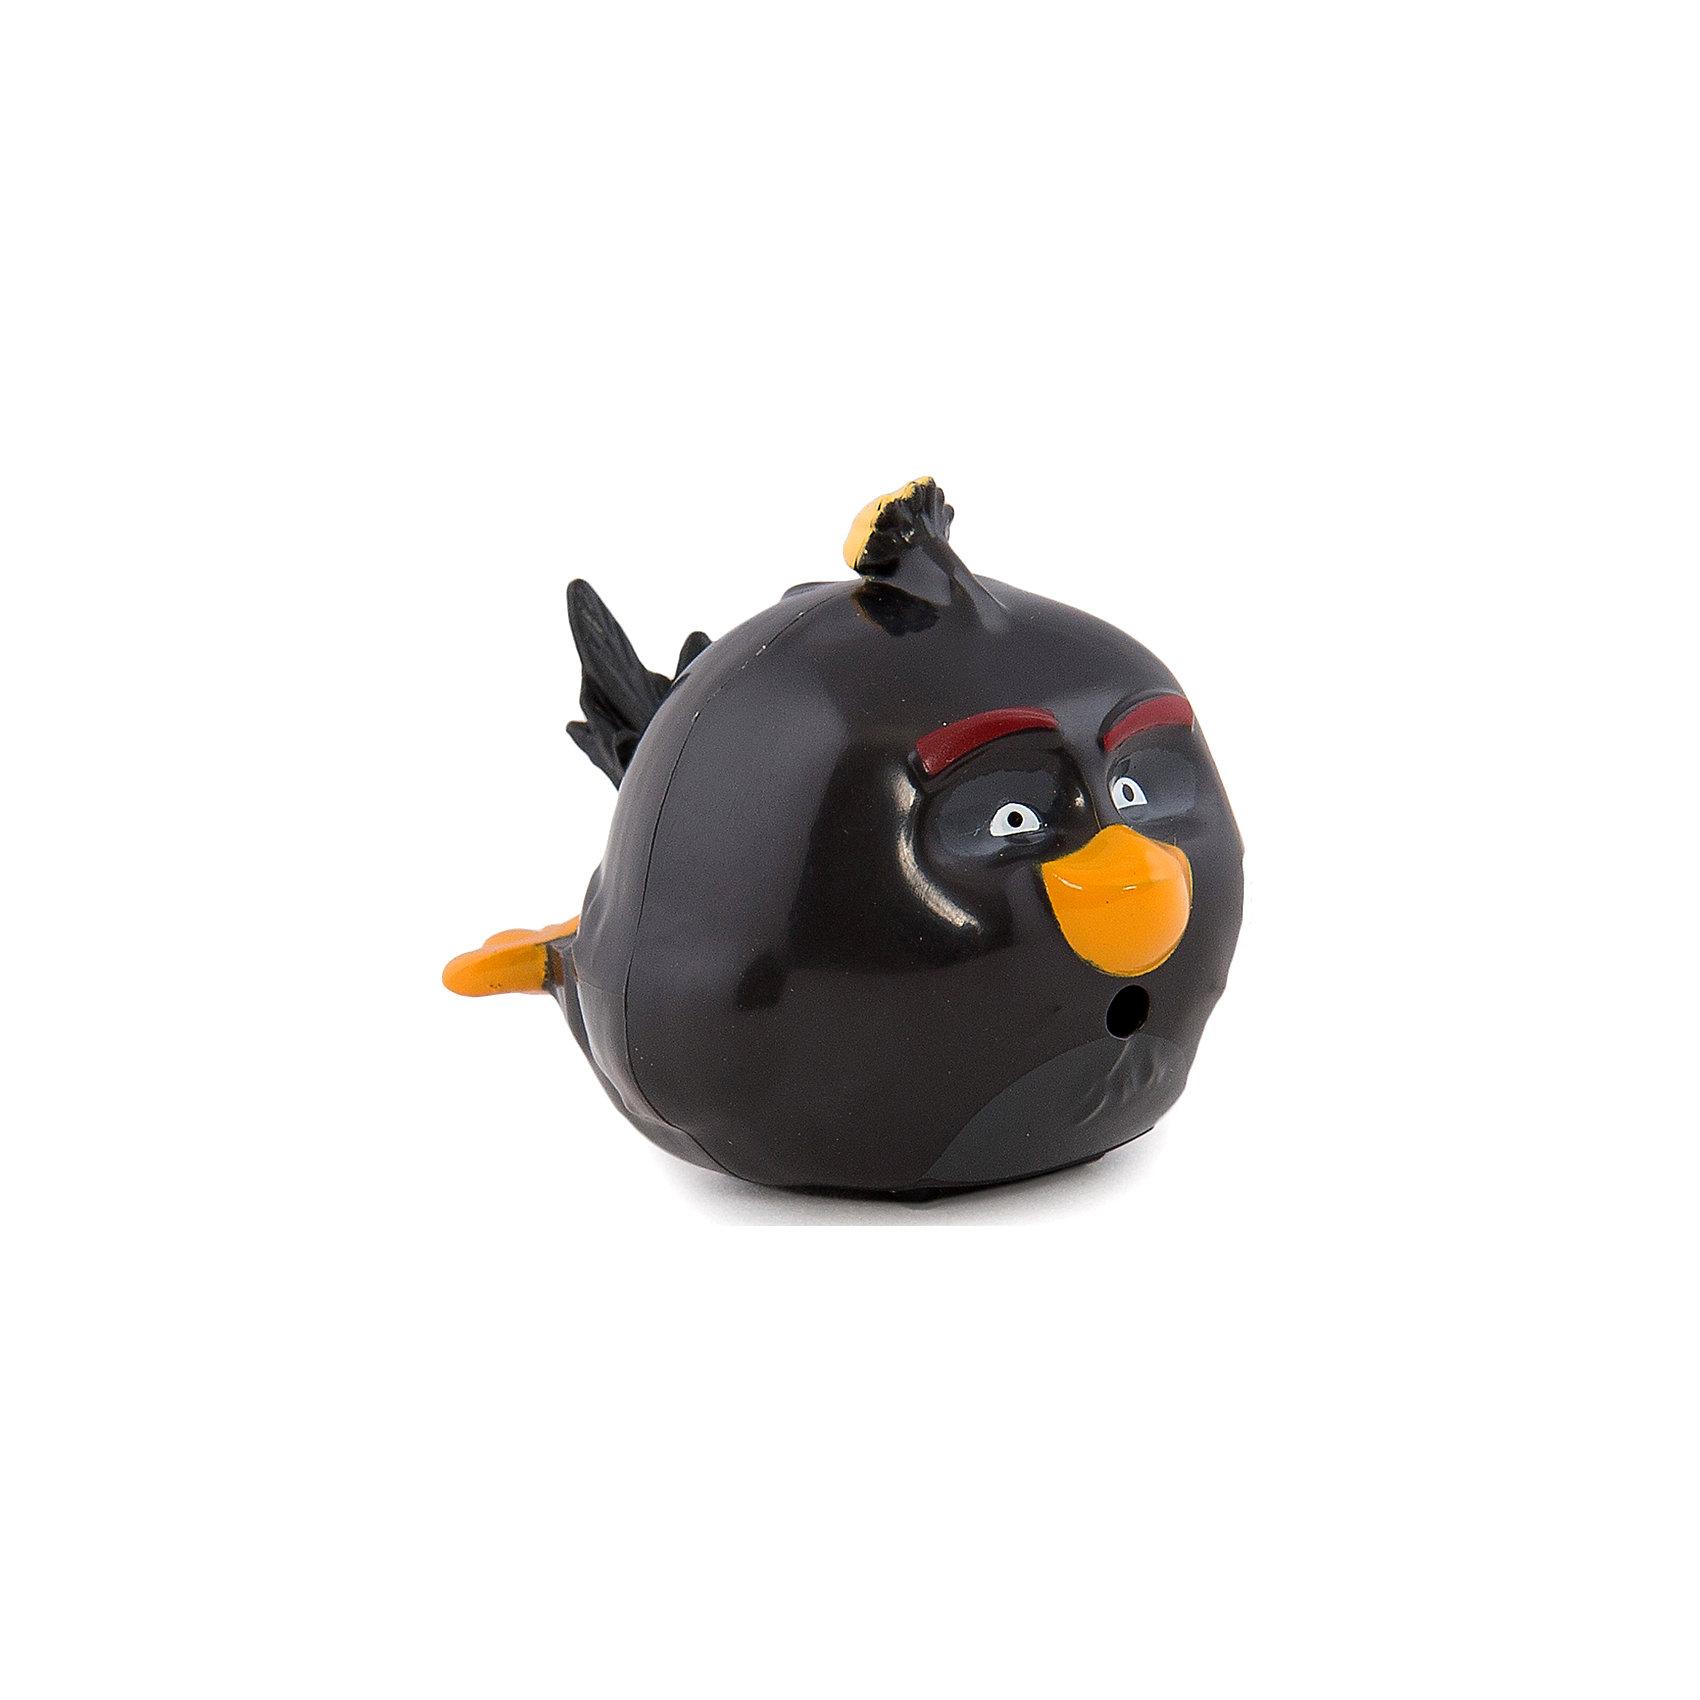 Птичка на колесиках Бомб, Angry BirdsИгрушки<br>Игрушка Энгри Бердс Птичка на колесиках – это пластиковая машинка, выполненная в виде главных героев популярнейшей компьютерной игры Angry Birds, в которой маленькие разноцветные злые птички сражаются с надоедливыми, но очень смешными зелёными свинками. Яркие забавные персонажи очень понравятся детям, а любители собирать коллекции игрушек смогут украсить свою полку новым, весьма симпатичным экспонатом.<br><br>Дополнительная информация:<br><br>Размер игрушки приблизительно 6см<br><br><br><br>Птичку на колесиках Бомб, Angry Birds можно купить в нашем магазине.<br><br>Ширина мм: 150<br>Глубина мм: 160<br>Высота мм: 45<br>Вес г: 42<br>Возраст от месяцев: 36<br>Возраст до месяцев: 192<br>Пол: Унисекс<br>Возраст: Детский<br>SKU: 4719968